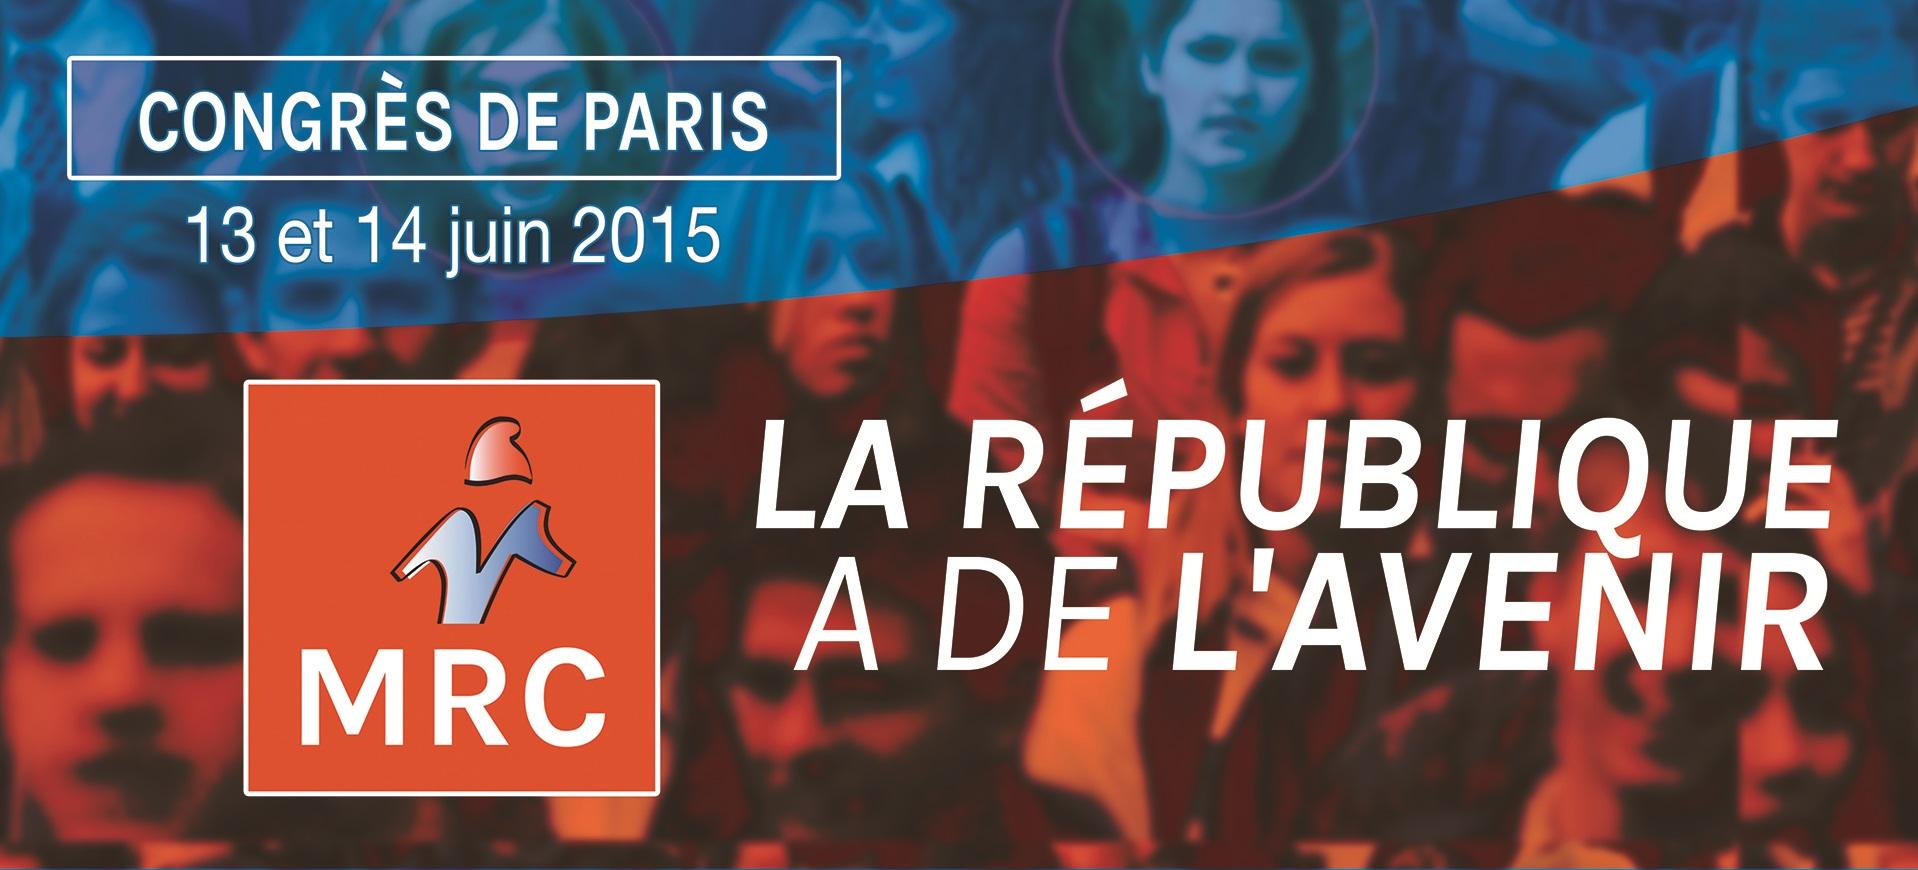 Congrès de Paris (13 et 14 juin) : La République a de l'avenir